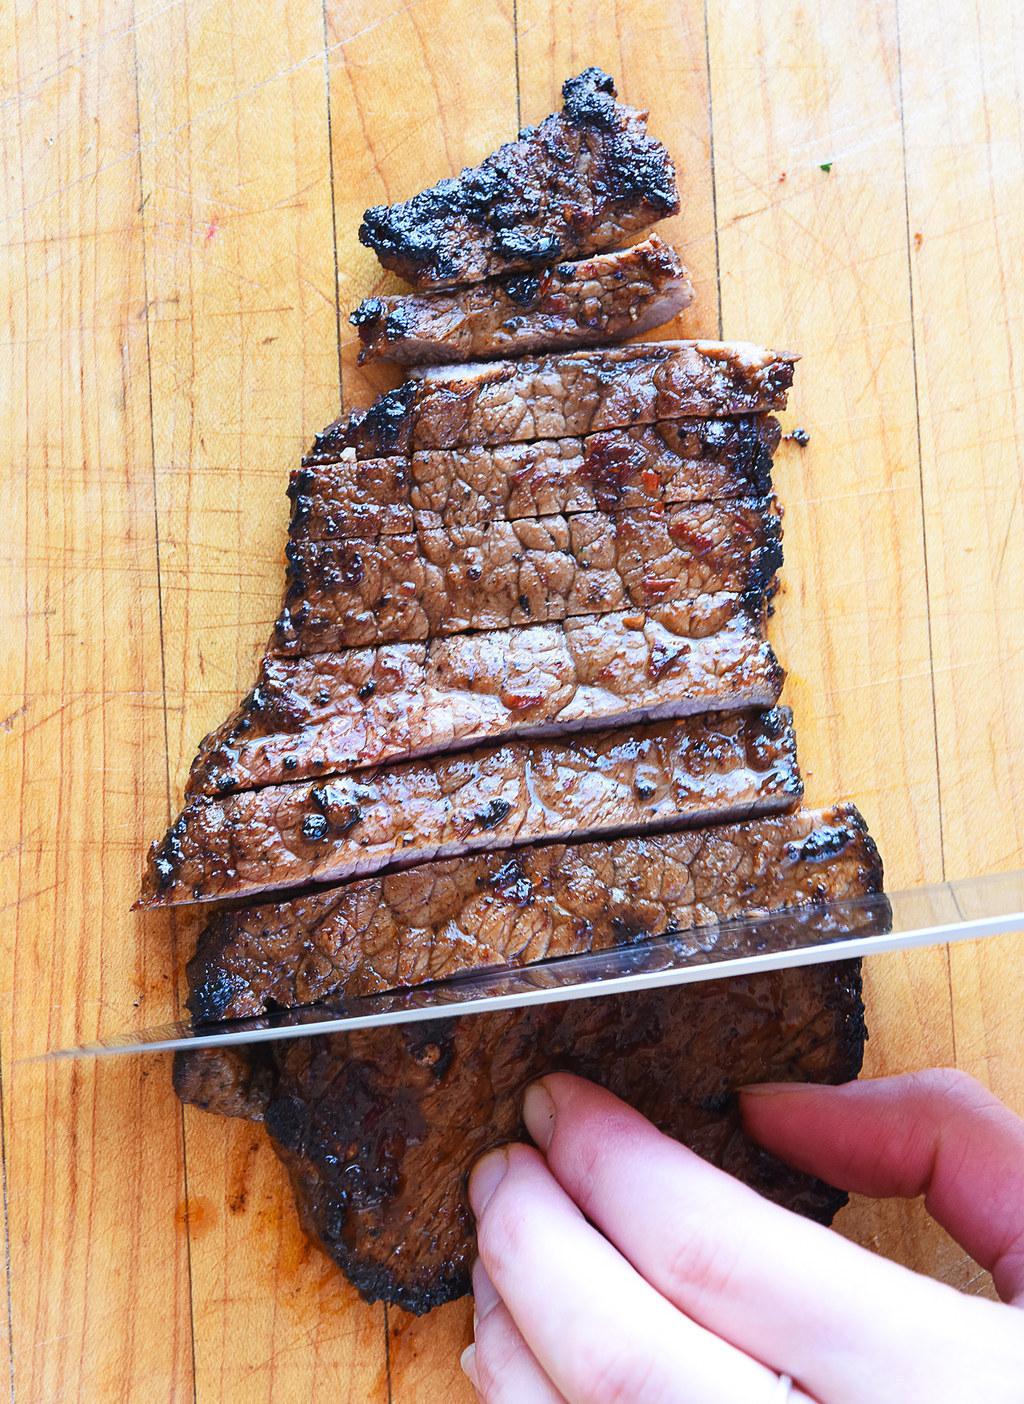 A steak being sliced